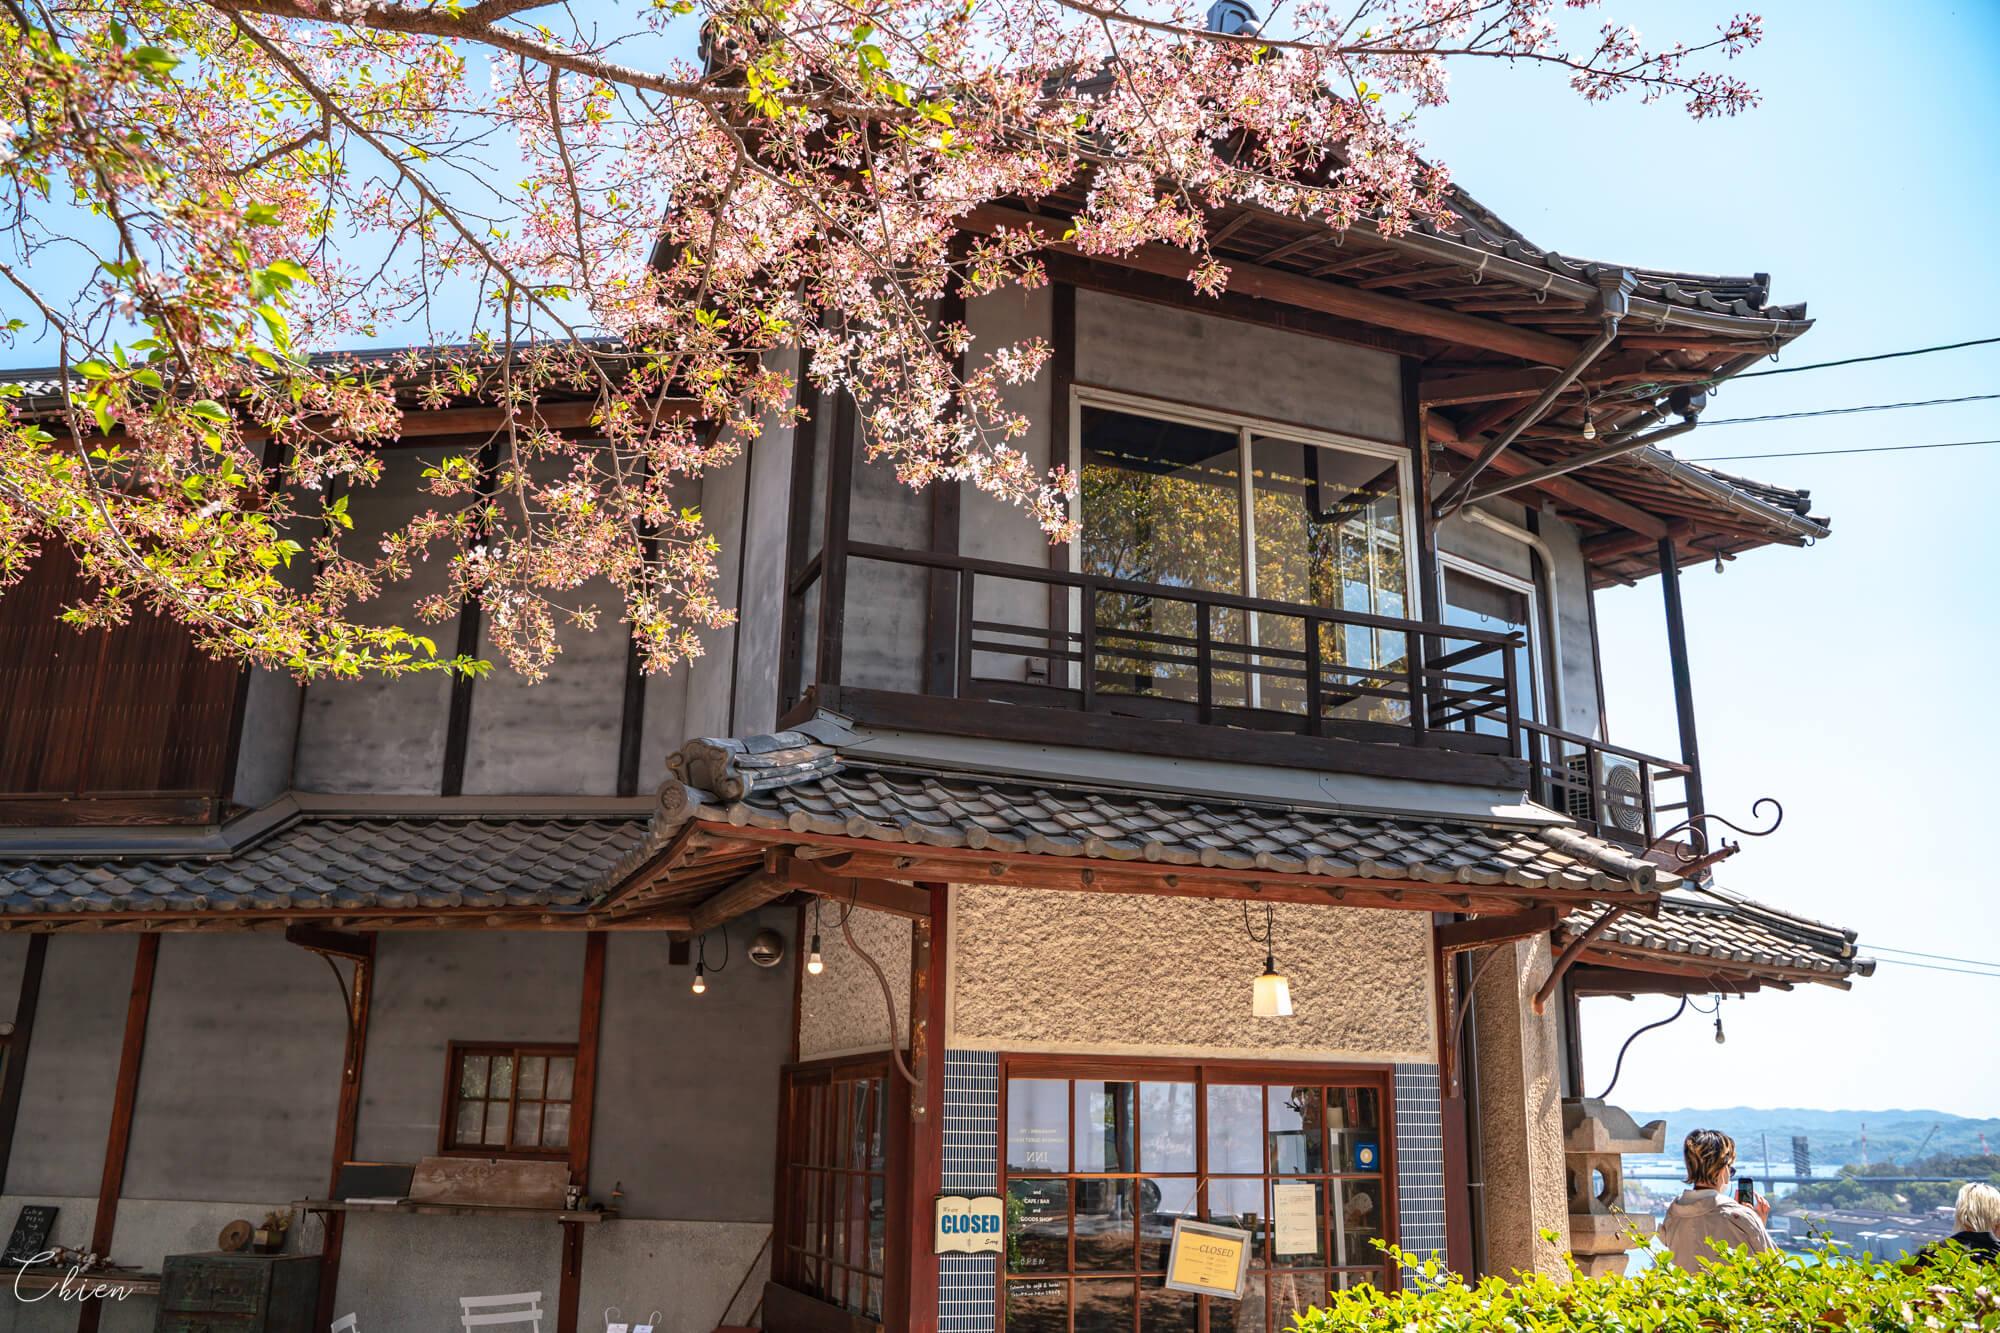 廣島尾道景點散策 見晴亭咖啡、旅館